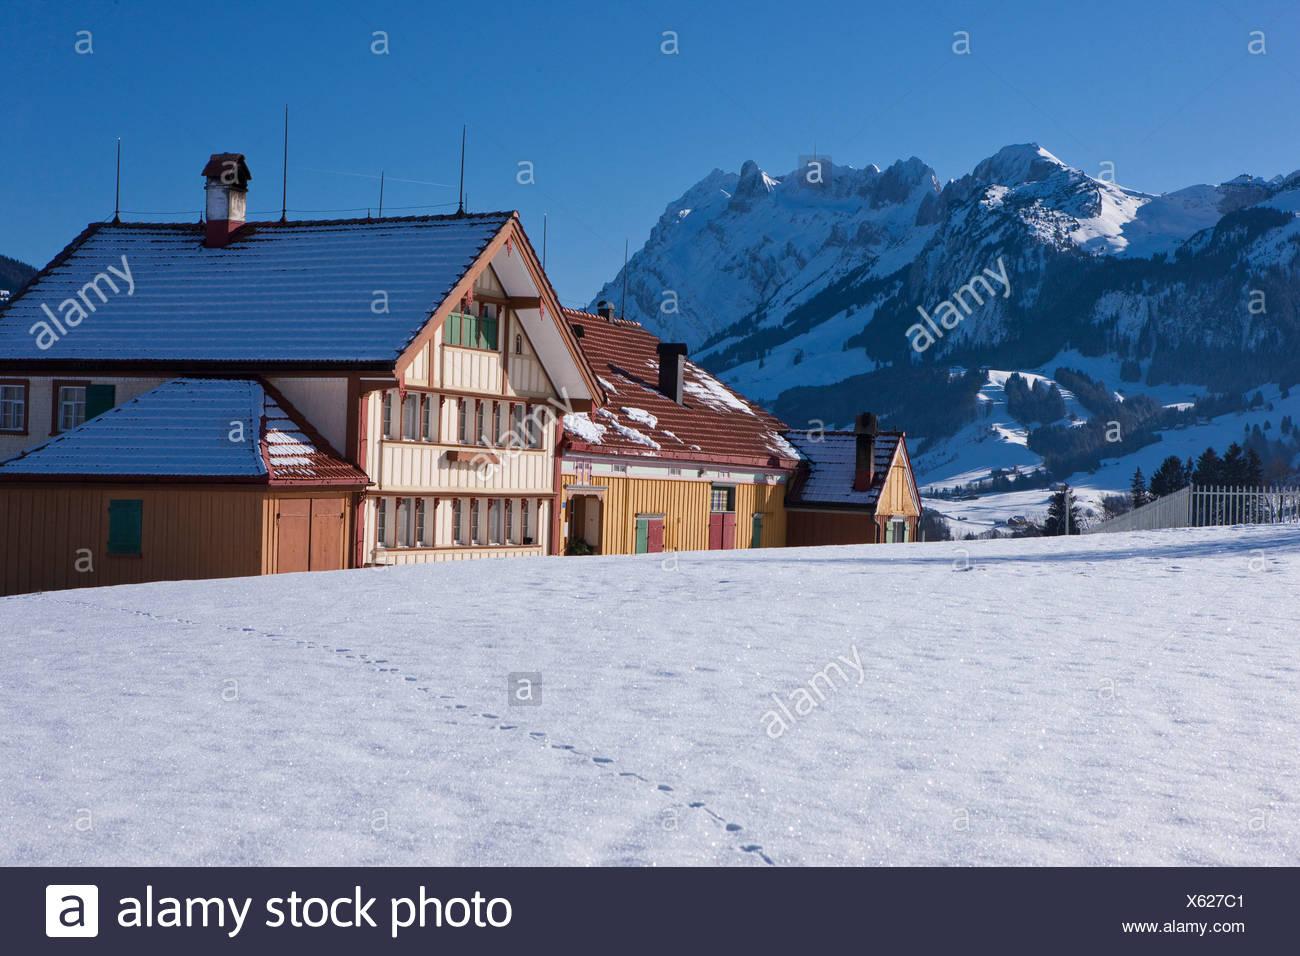 Bauernhof, Säntis, Winter, Berg, Berge, Landwirtschaft, Kanton Appenzell, Innerroden, Bereich Appenzell, Alpstein, Schweiz, Eu Stockbild